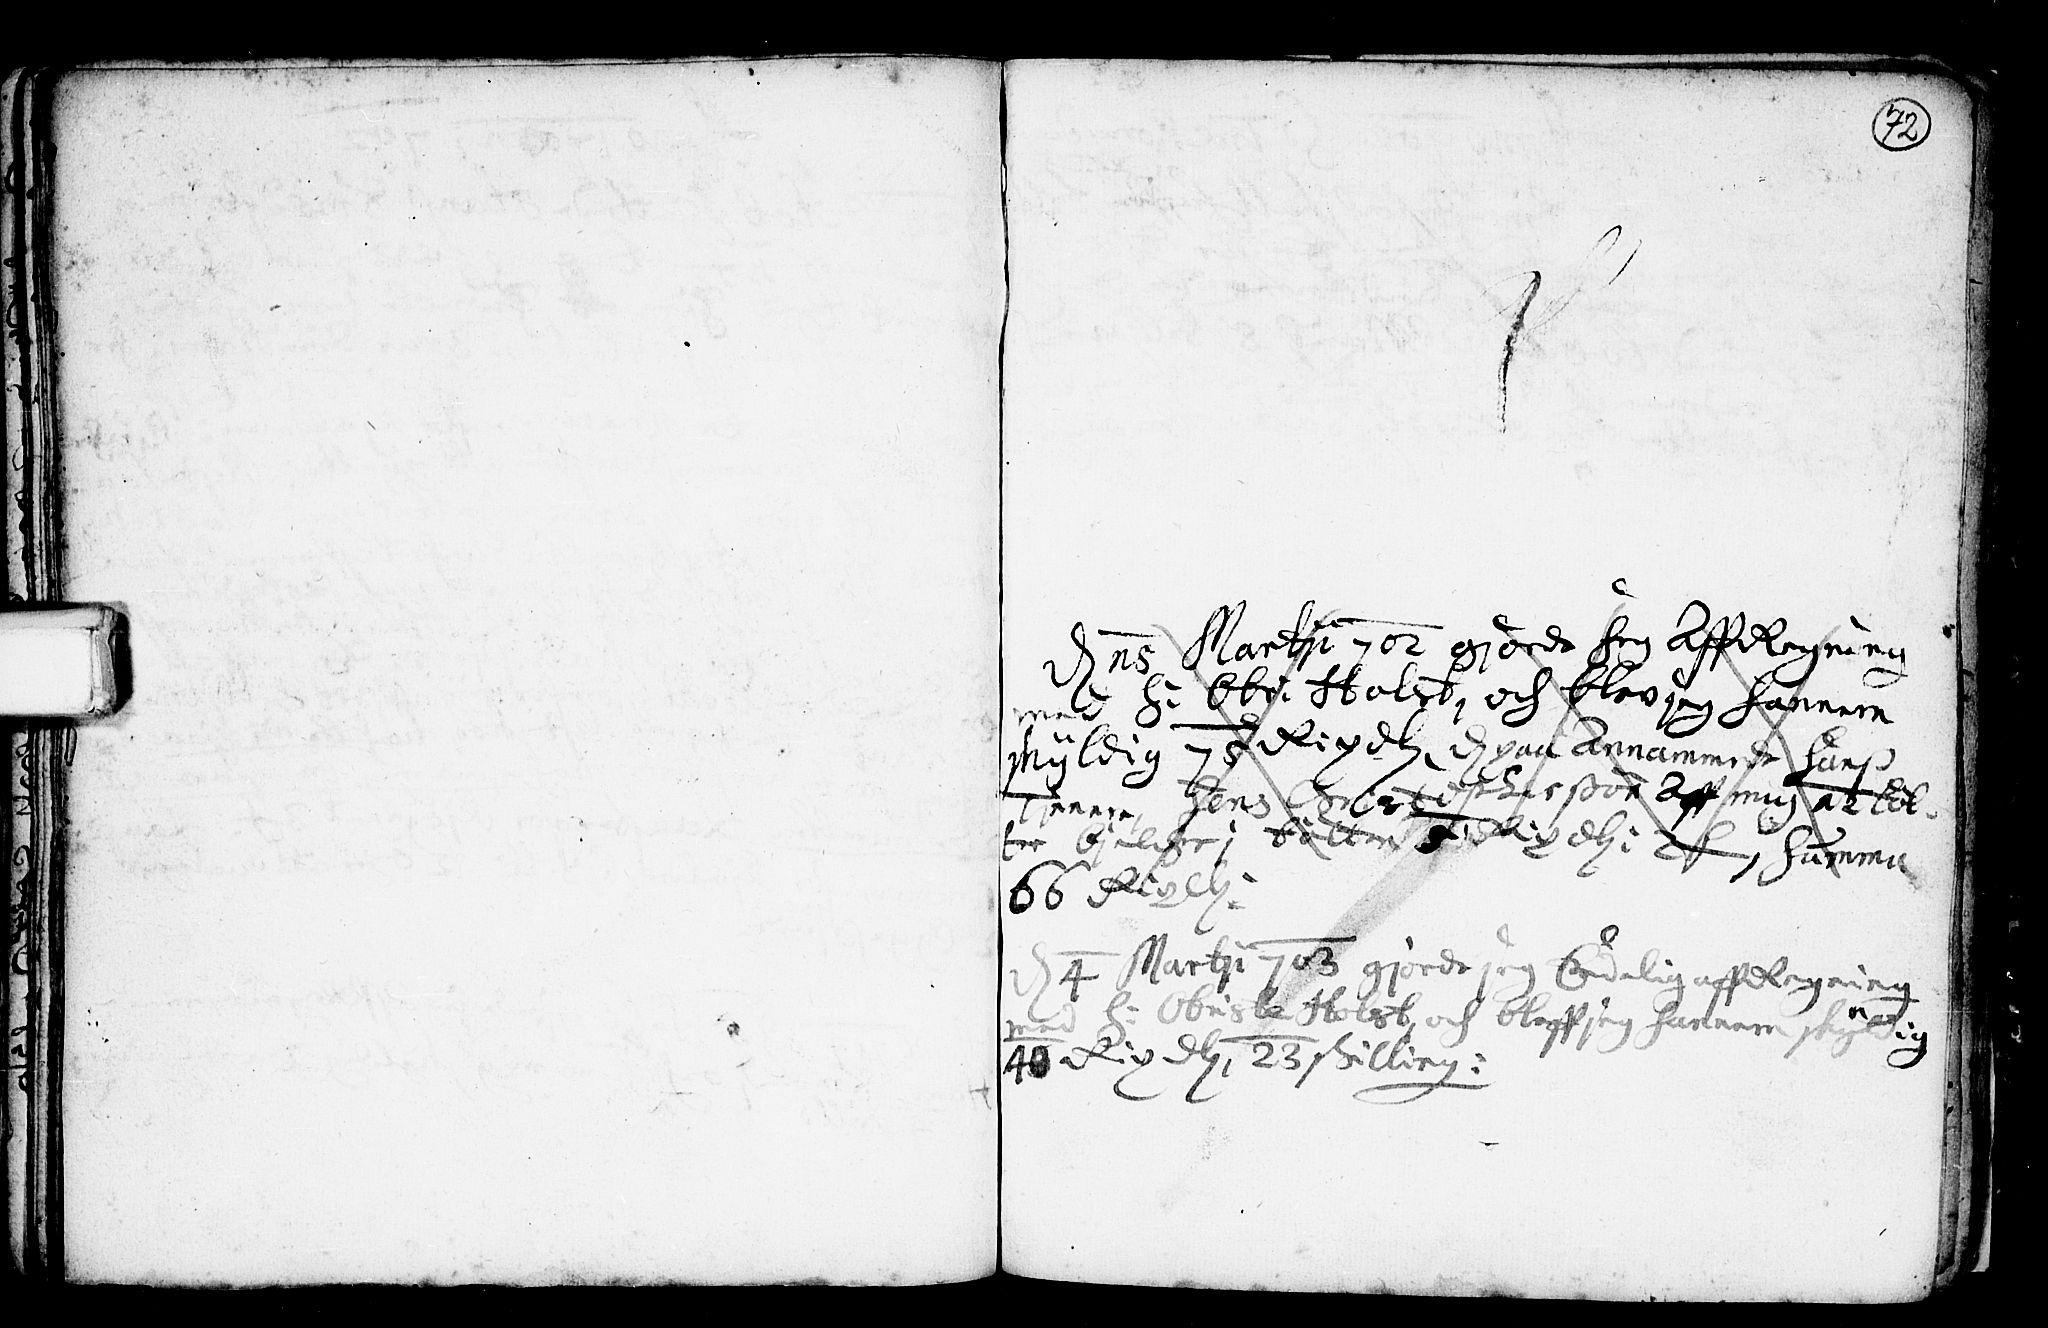 SAKO, Heddal kirkebøker, F/Fa/L0001: Ministerialbok nr. I 1, 1648-1699, s. 72